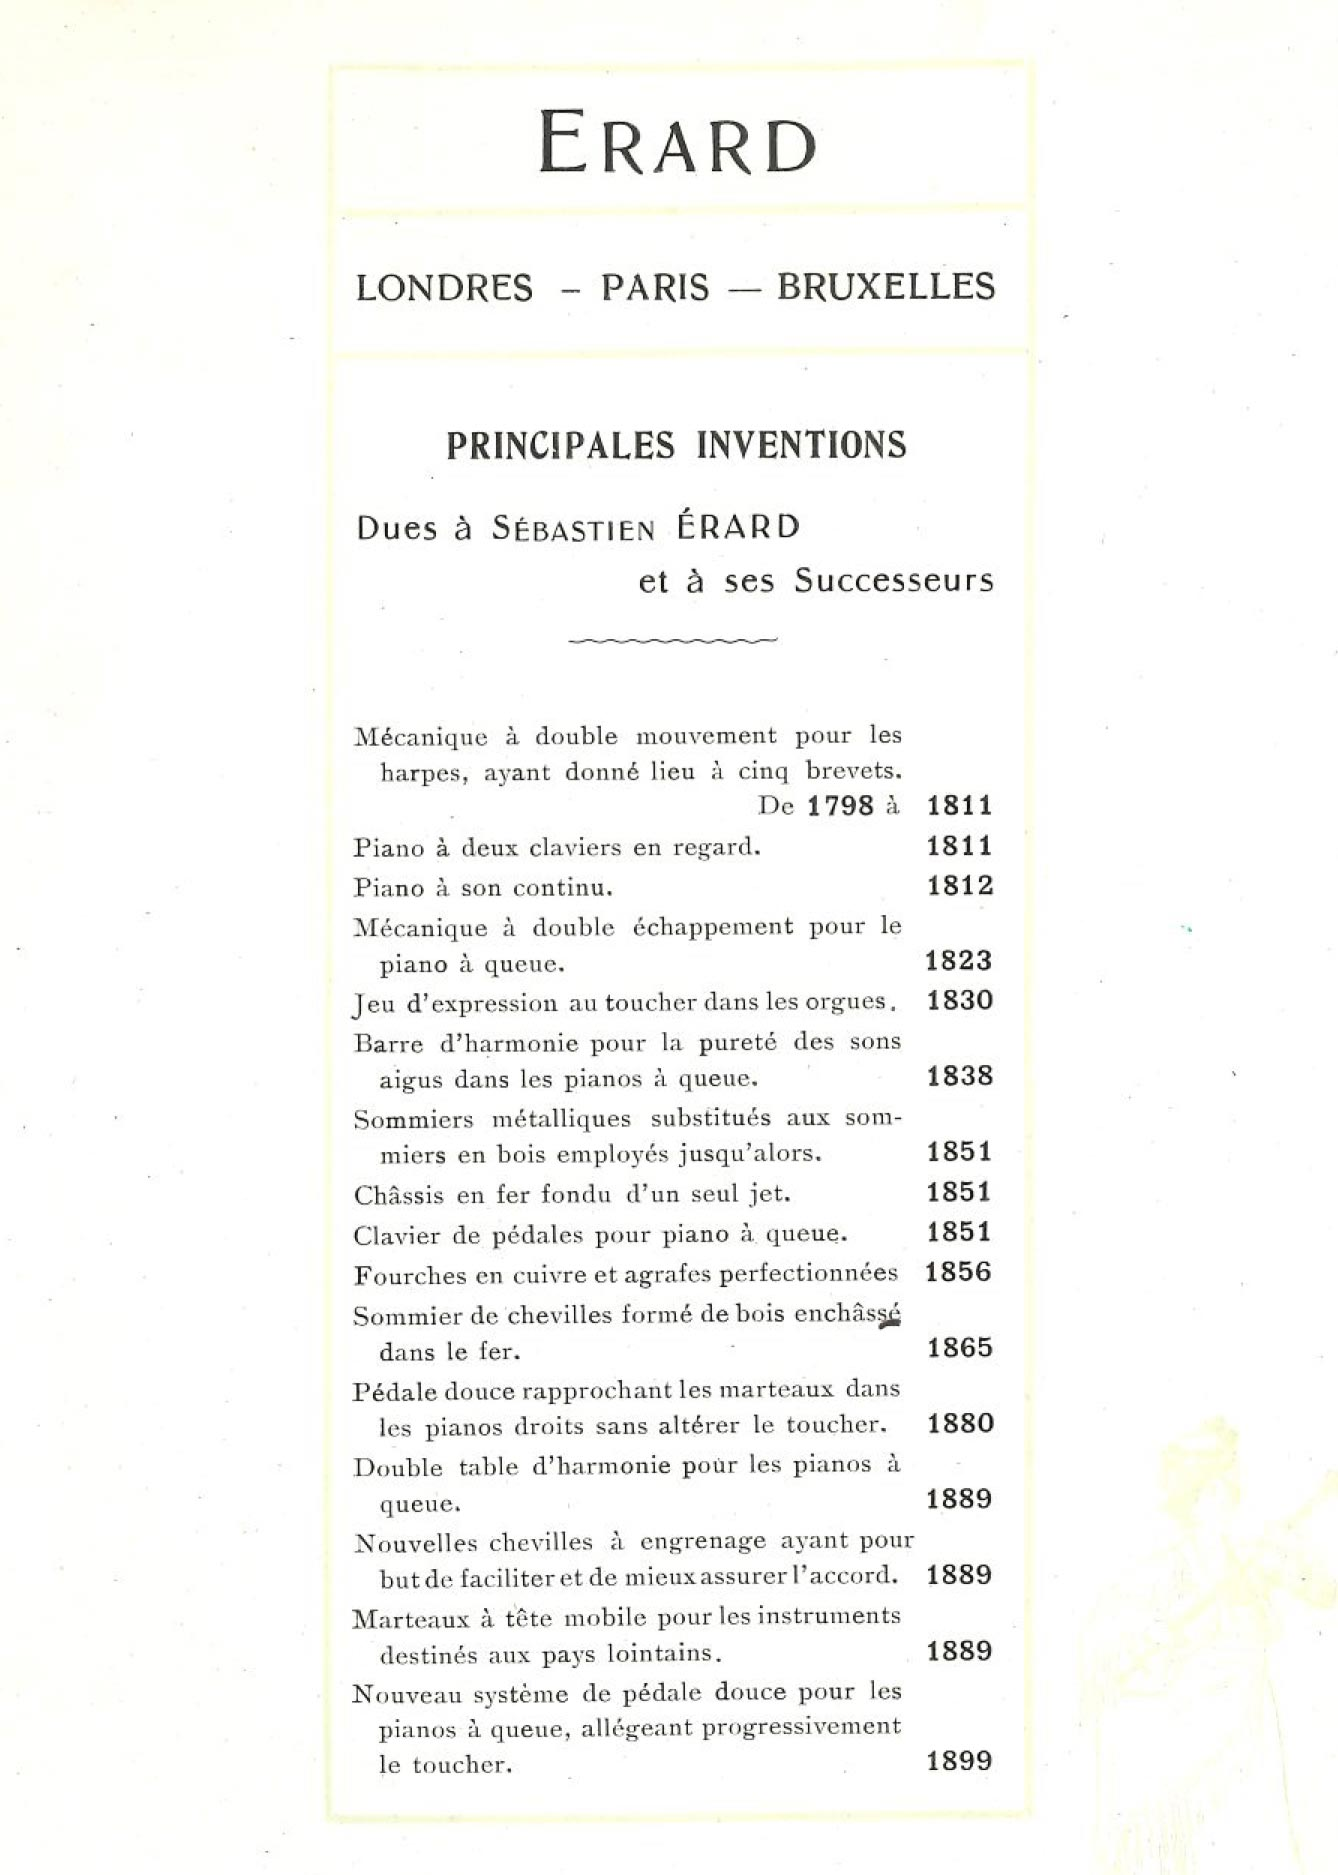 Principales inventions